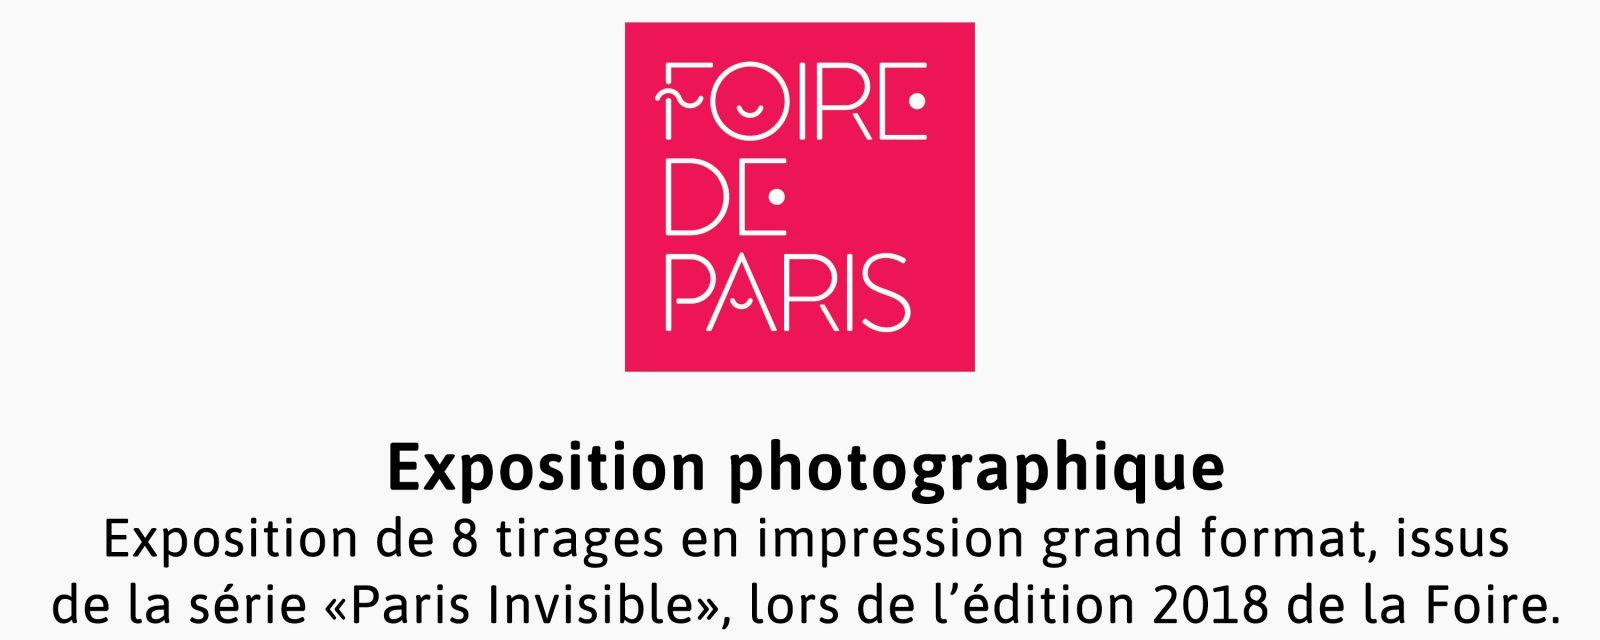 Foire Paris | Pierre-Louis Ferrer | Réalisations clients